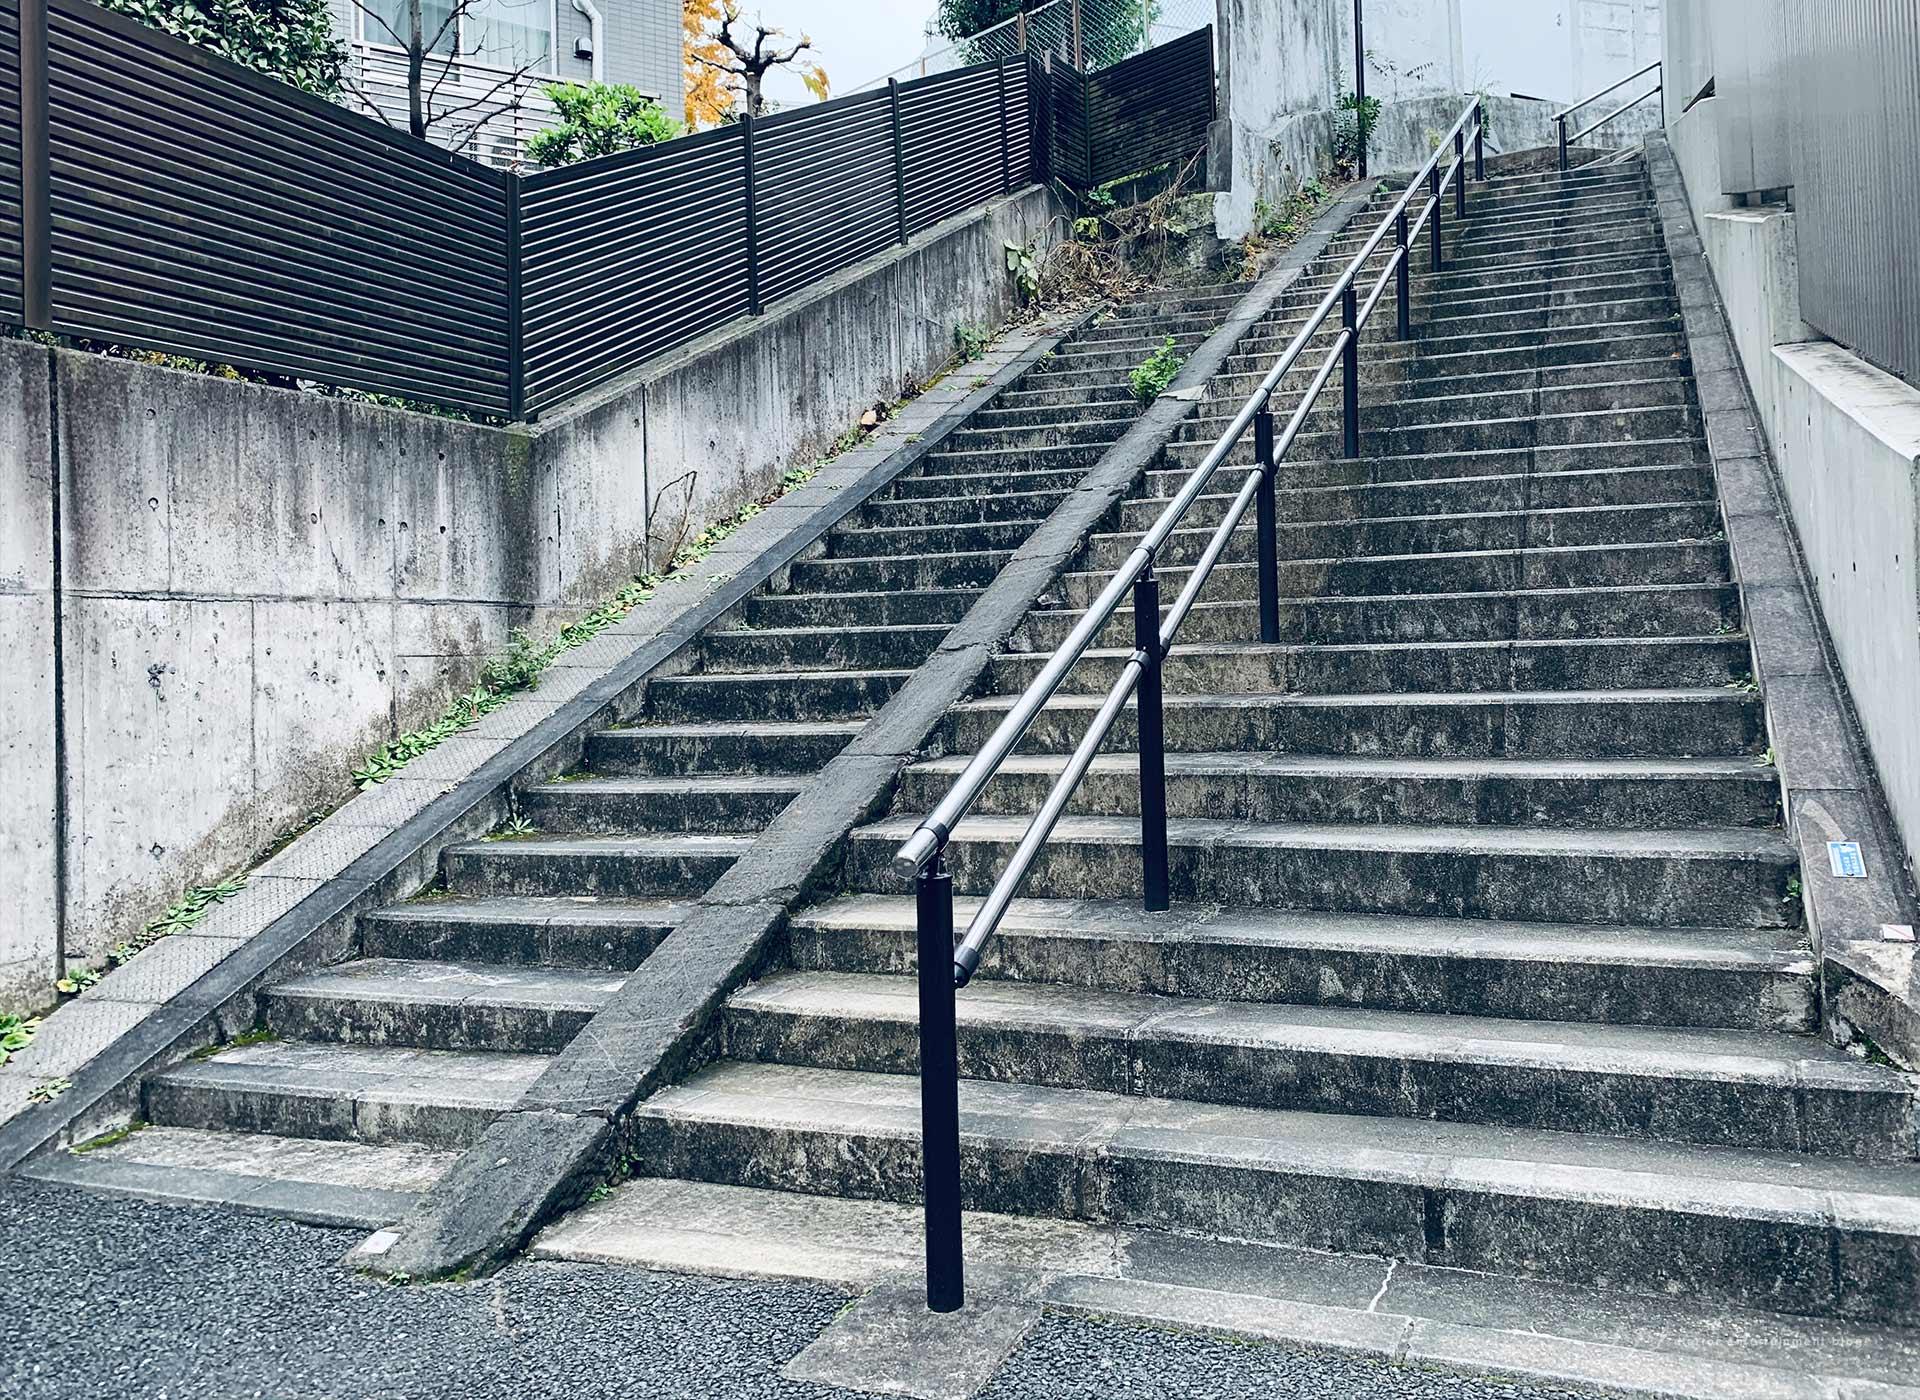 【シリーズ・心霊スポット】お化け階段